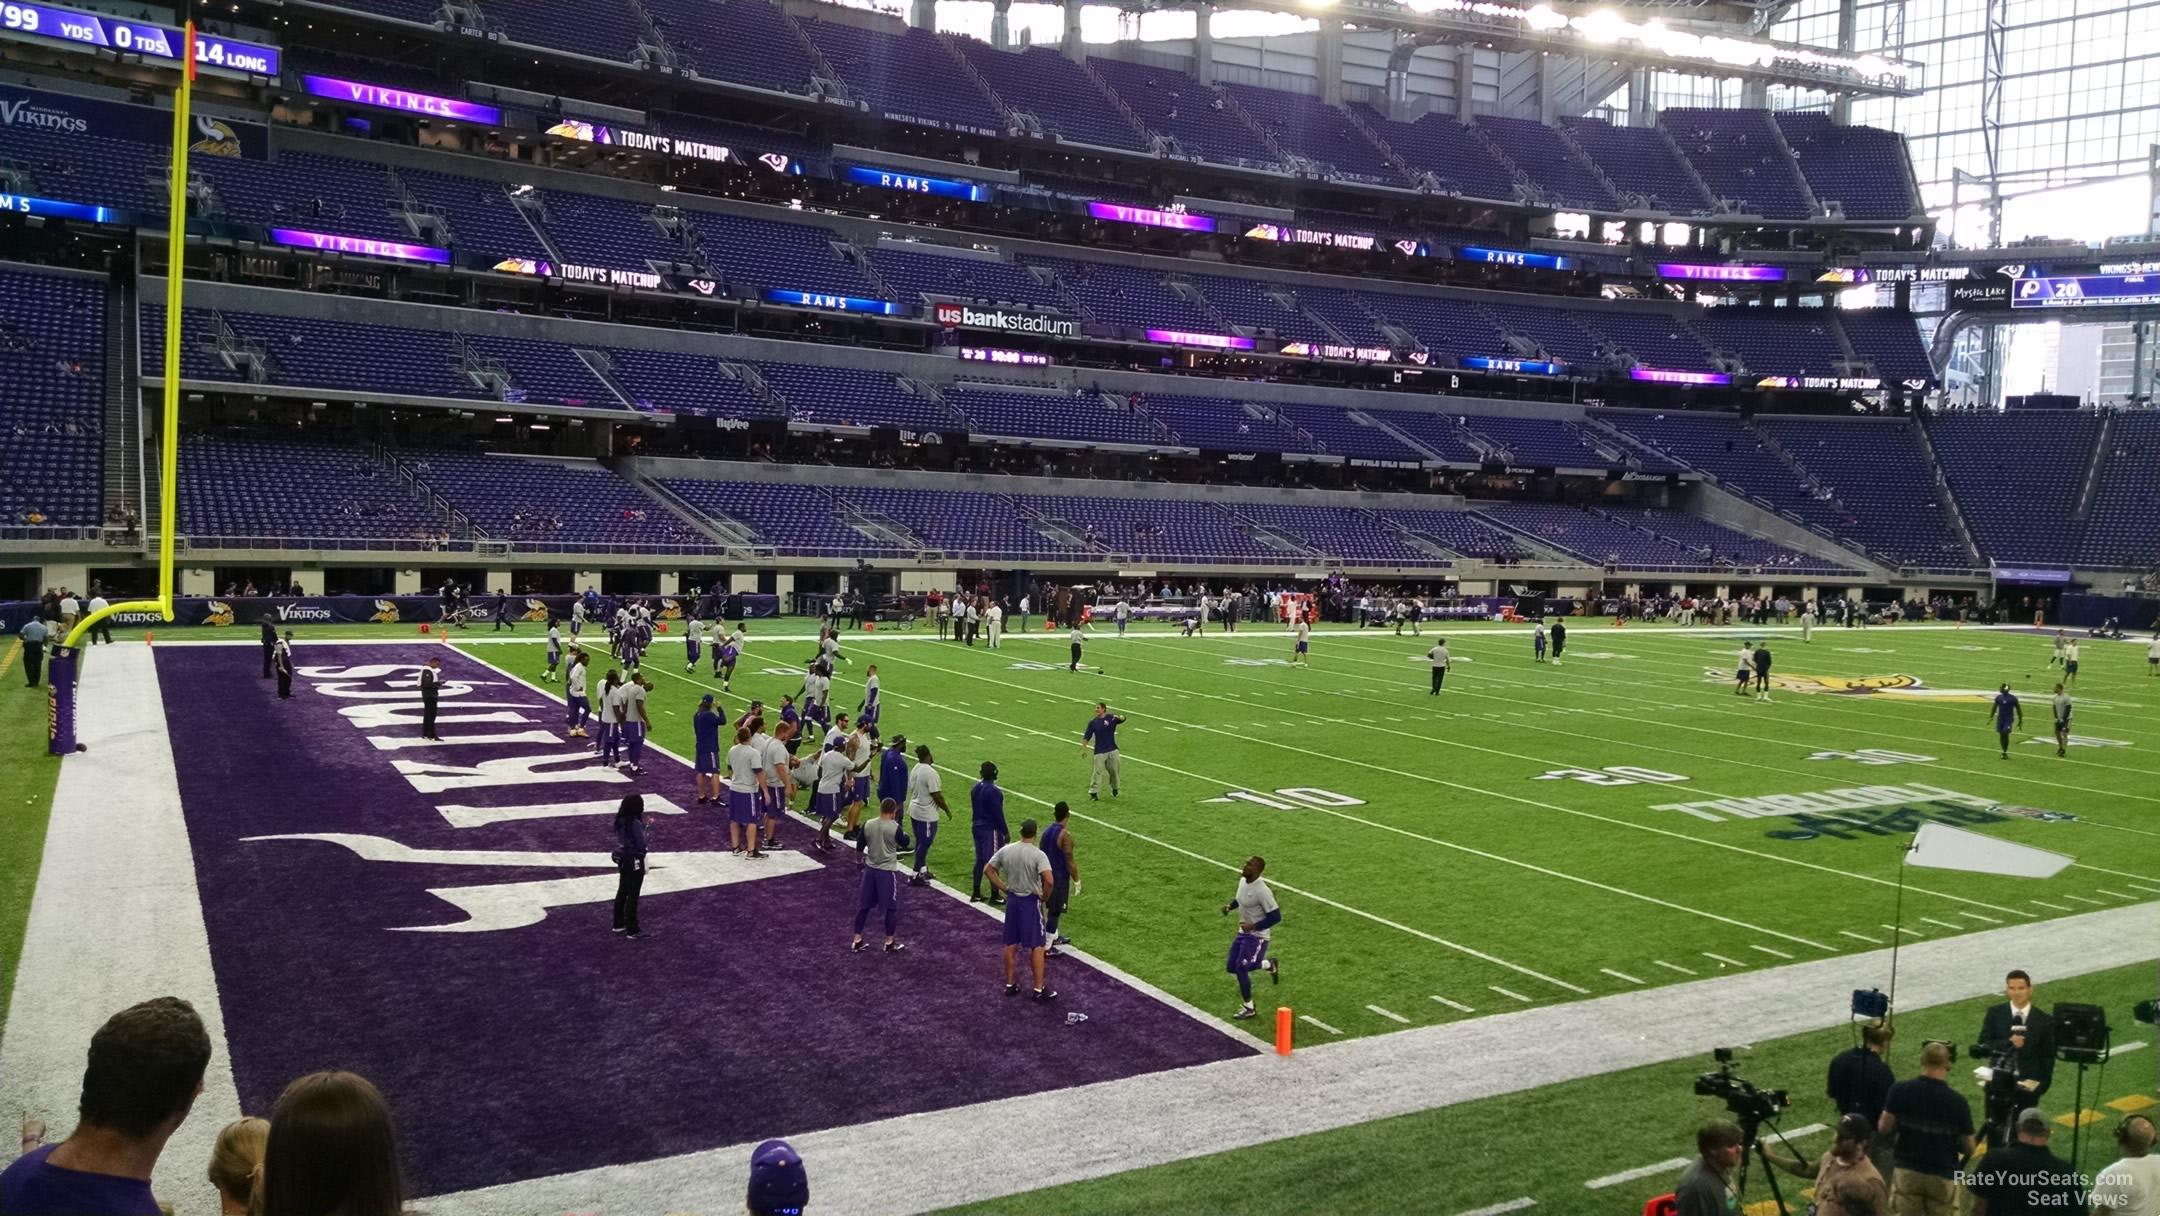 US Bank Stadium Section 114 RateYourSeatscom